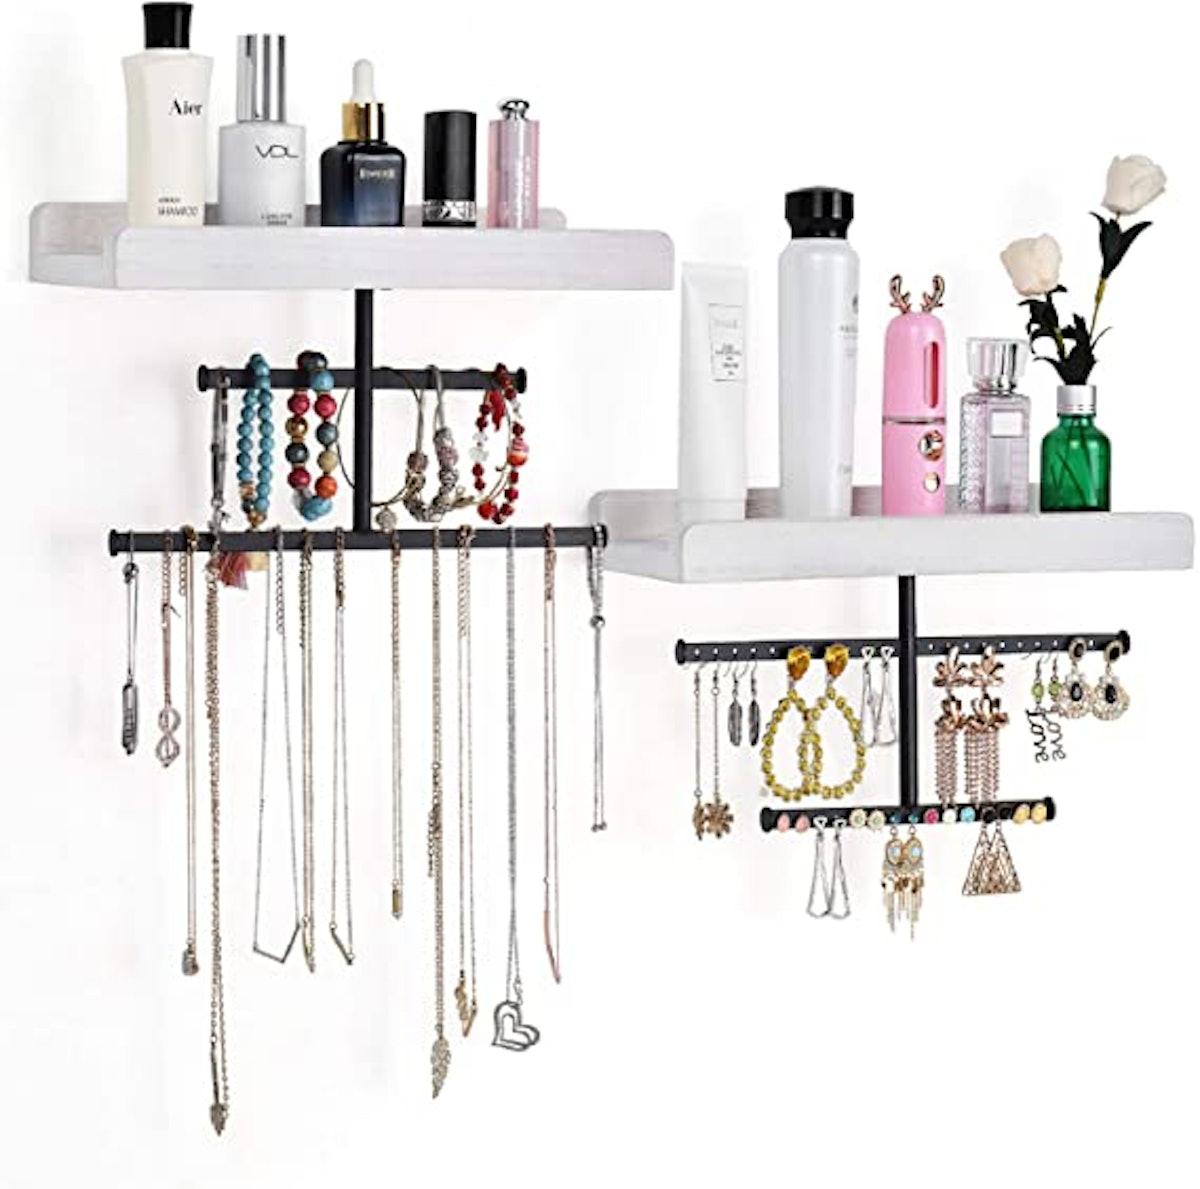 Keebofly Hanging Wall Mounted Jewelry Organizer (Set of 2)